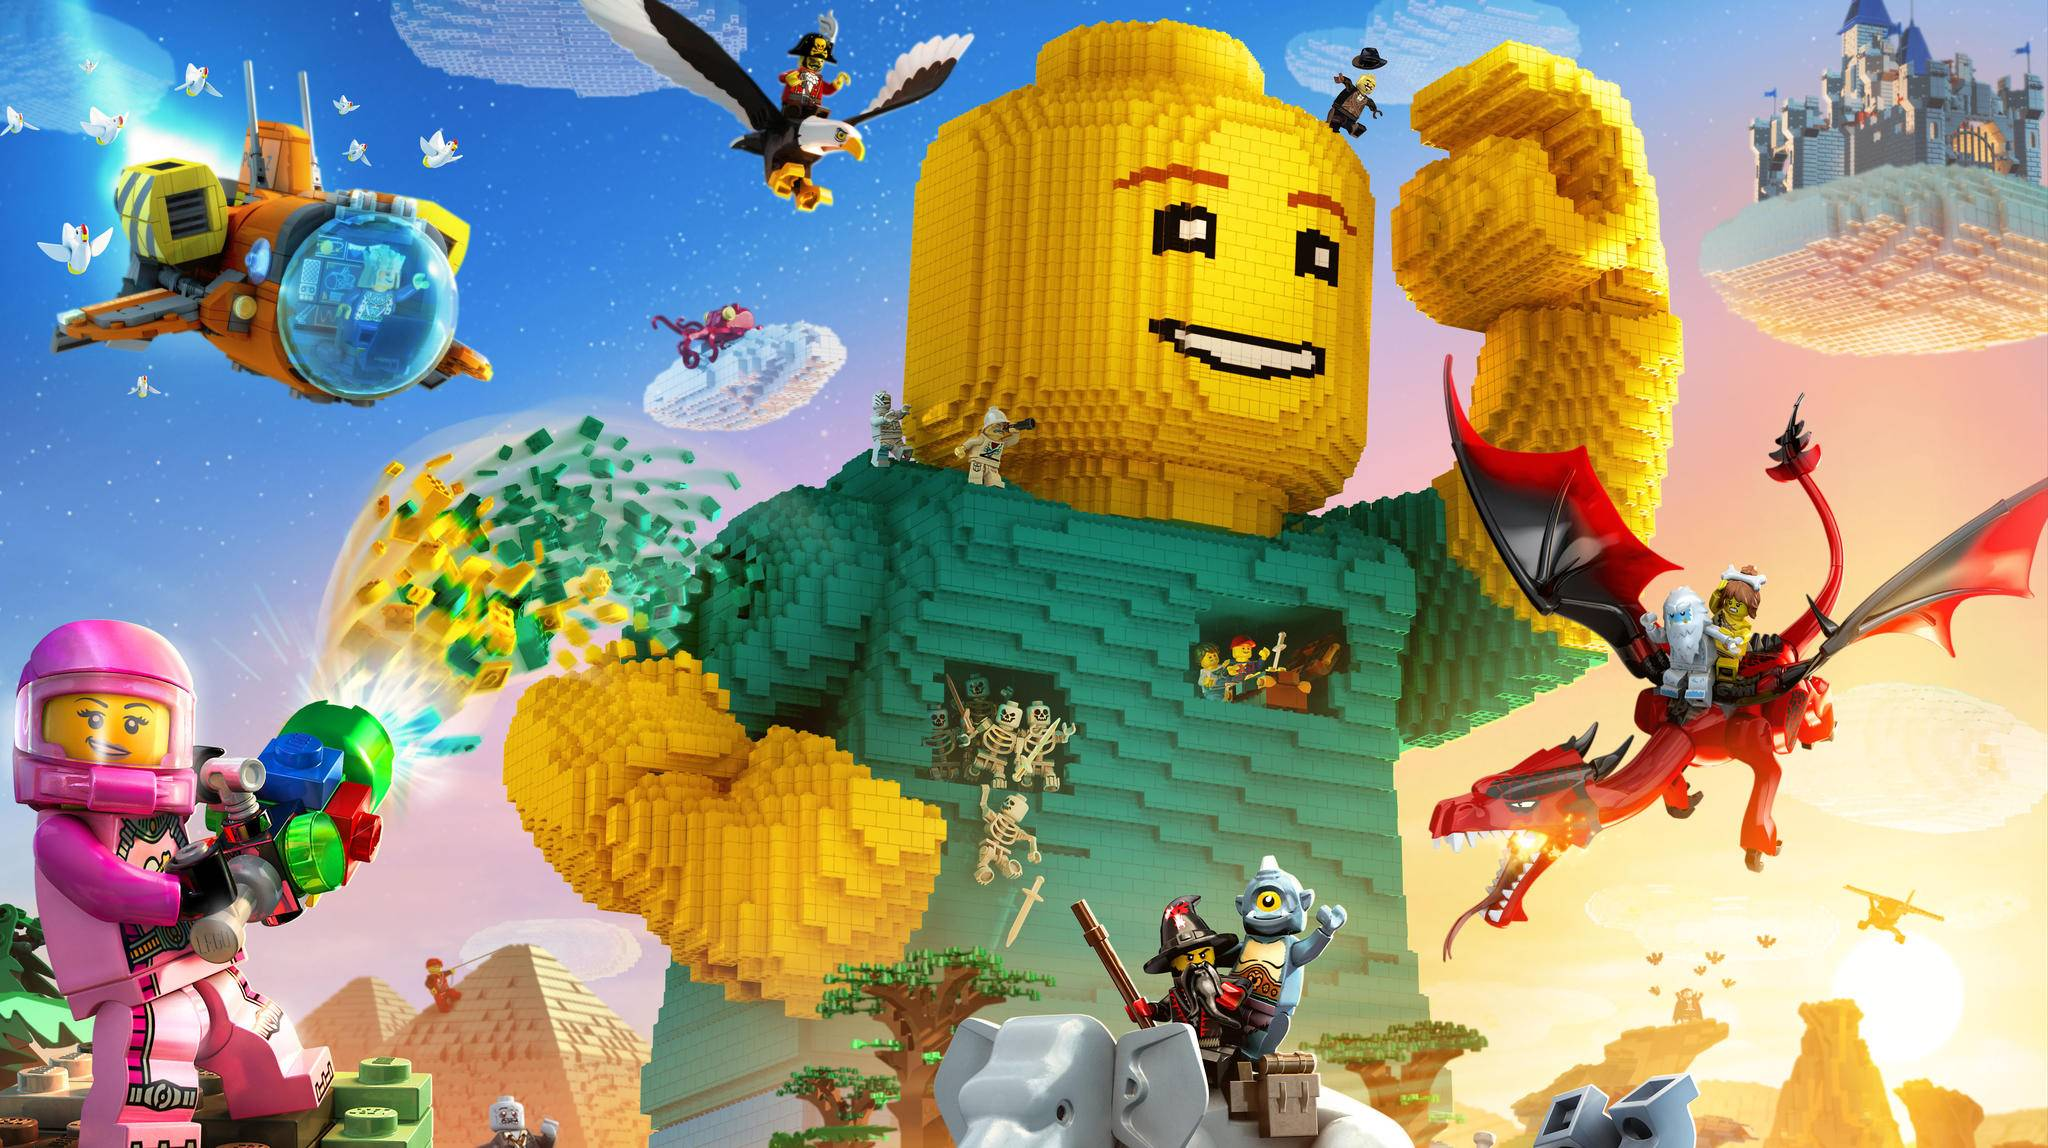 Die kultigen Lego-Minifiguren sind längst auch in Videospielen ein Hit.